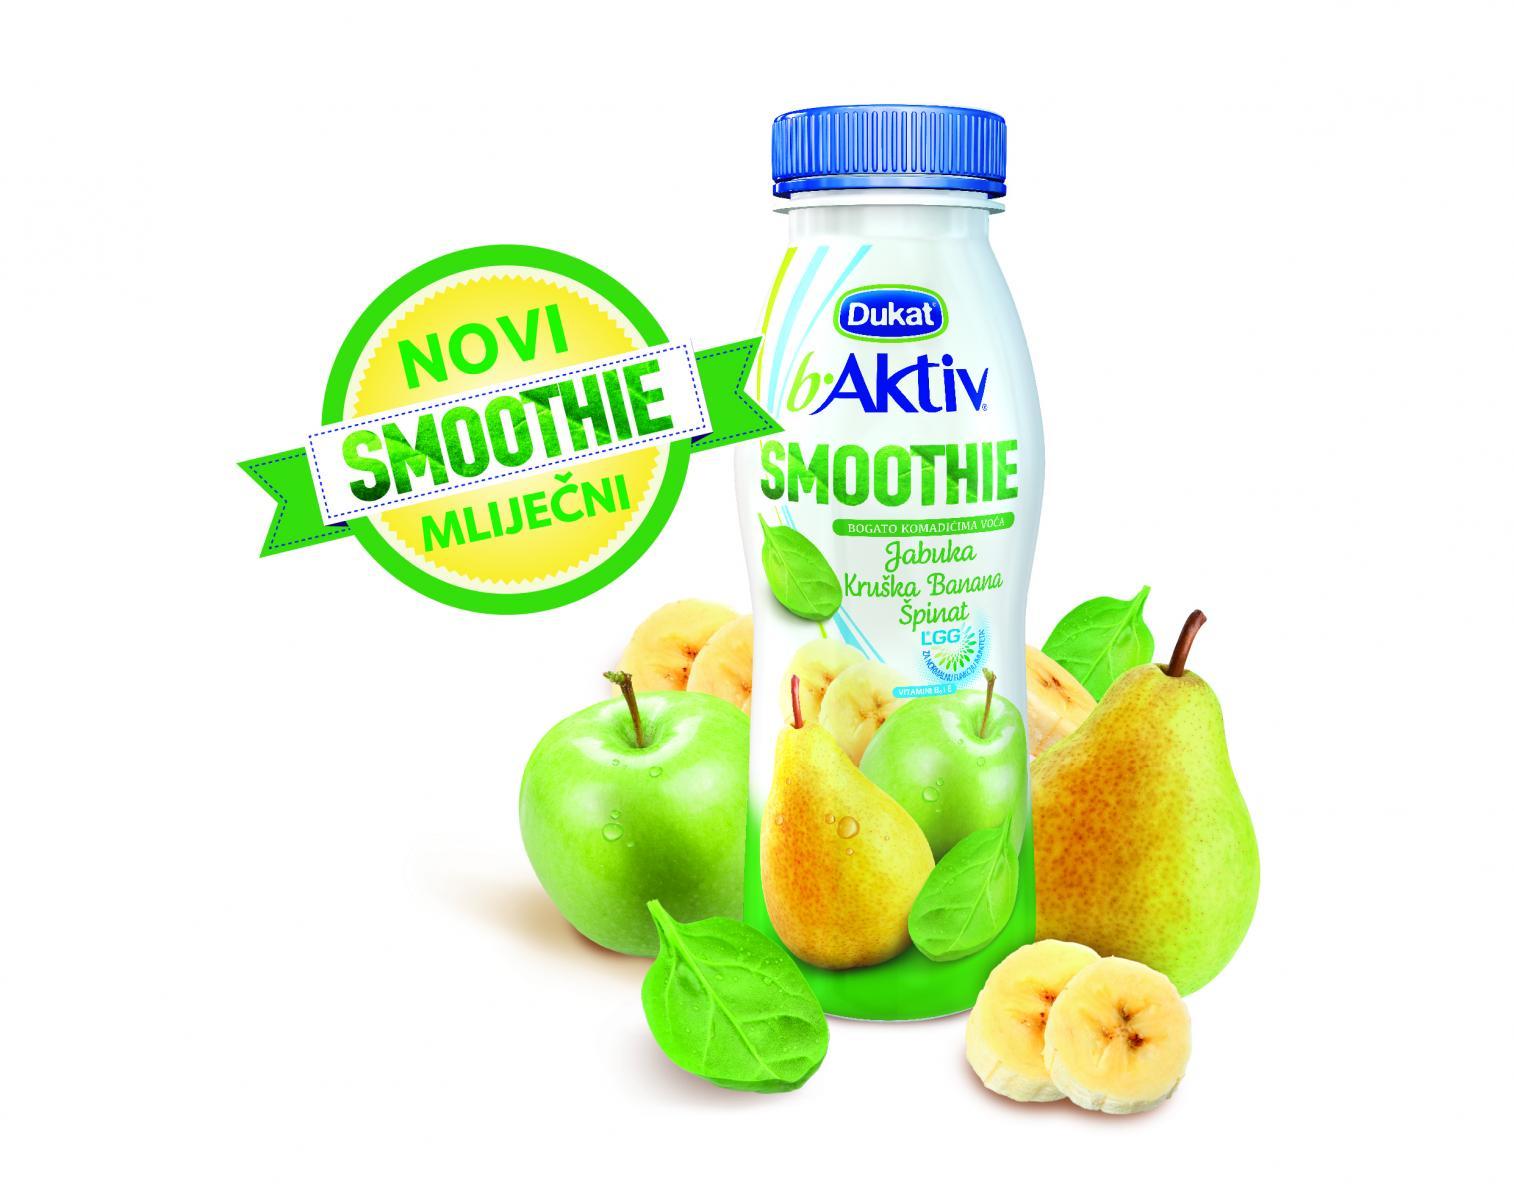 Kao svi smoothieji iz ove linije, i ovaj sadrži LGG® te vitamine B6 i E.